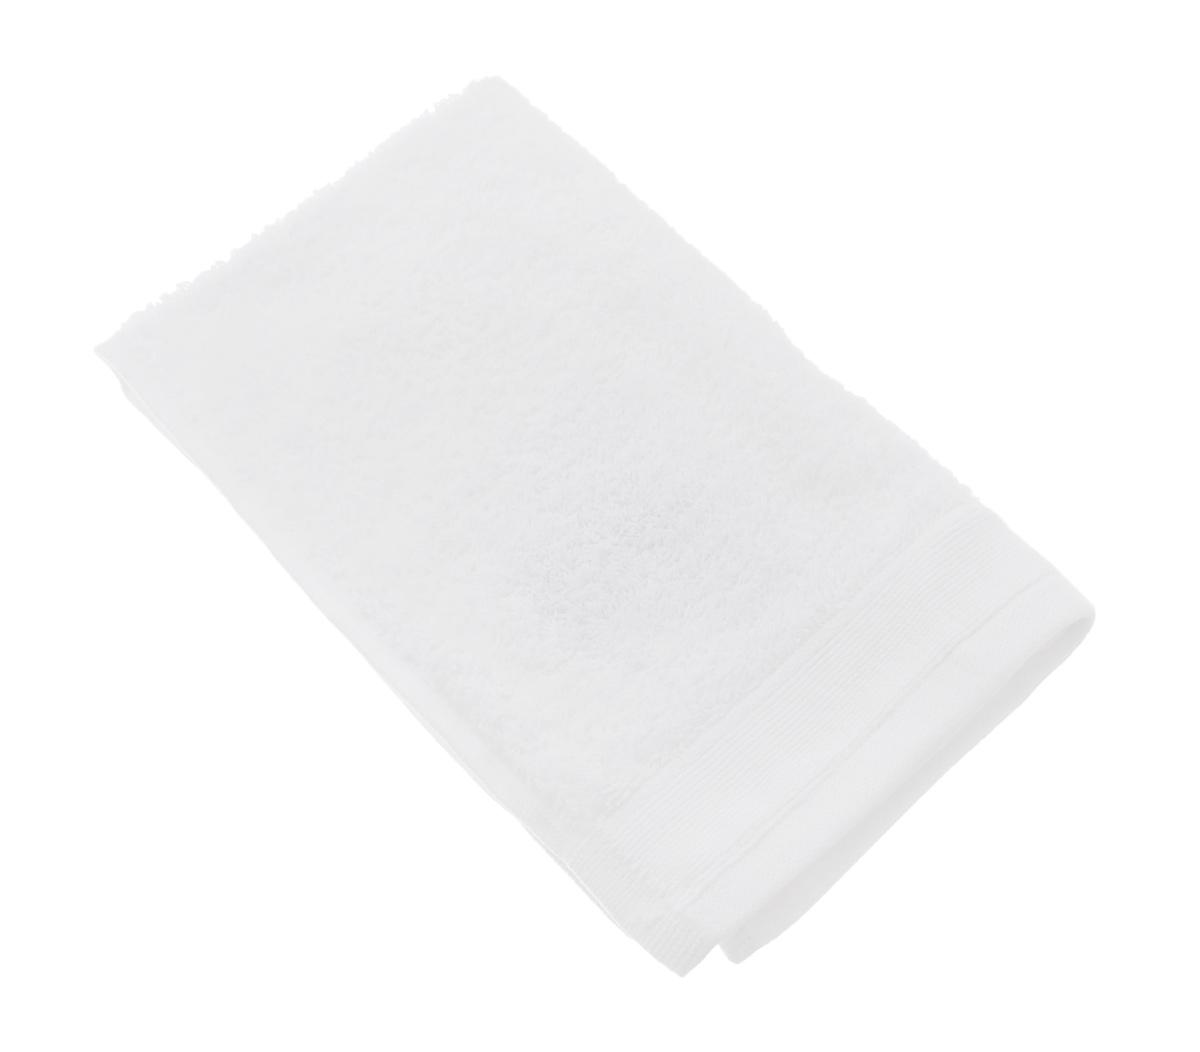 Полотенце махровое Guten Morgen, цвет: белый, 30 х 50 смПМбел-30-50Махровое полотенце Guten Morgen, изготовленное из натурального хлопка, прекрасно впитывает влагу и быстро сохнет. Высокая плотность ткани делает полотенце мягкими, прочными и пушистыми. При соблюдении рекомендаций по уходу изделие сохраняет яркость цвета и не теряет форму даже после многократных стирок.Махровое полотенце Guten Morgen станет достойным выбором для вас и приятным подарком для ваших близких. Мягкость и высокое качество материала, из которого изготовлено полотенце, не оставит вас равнодушными.